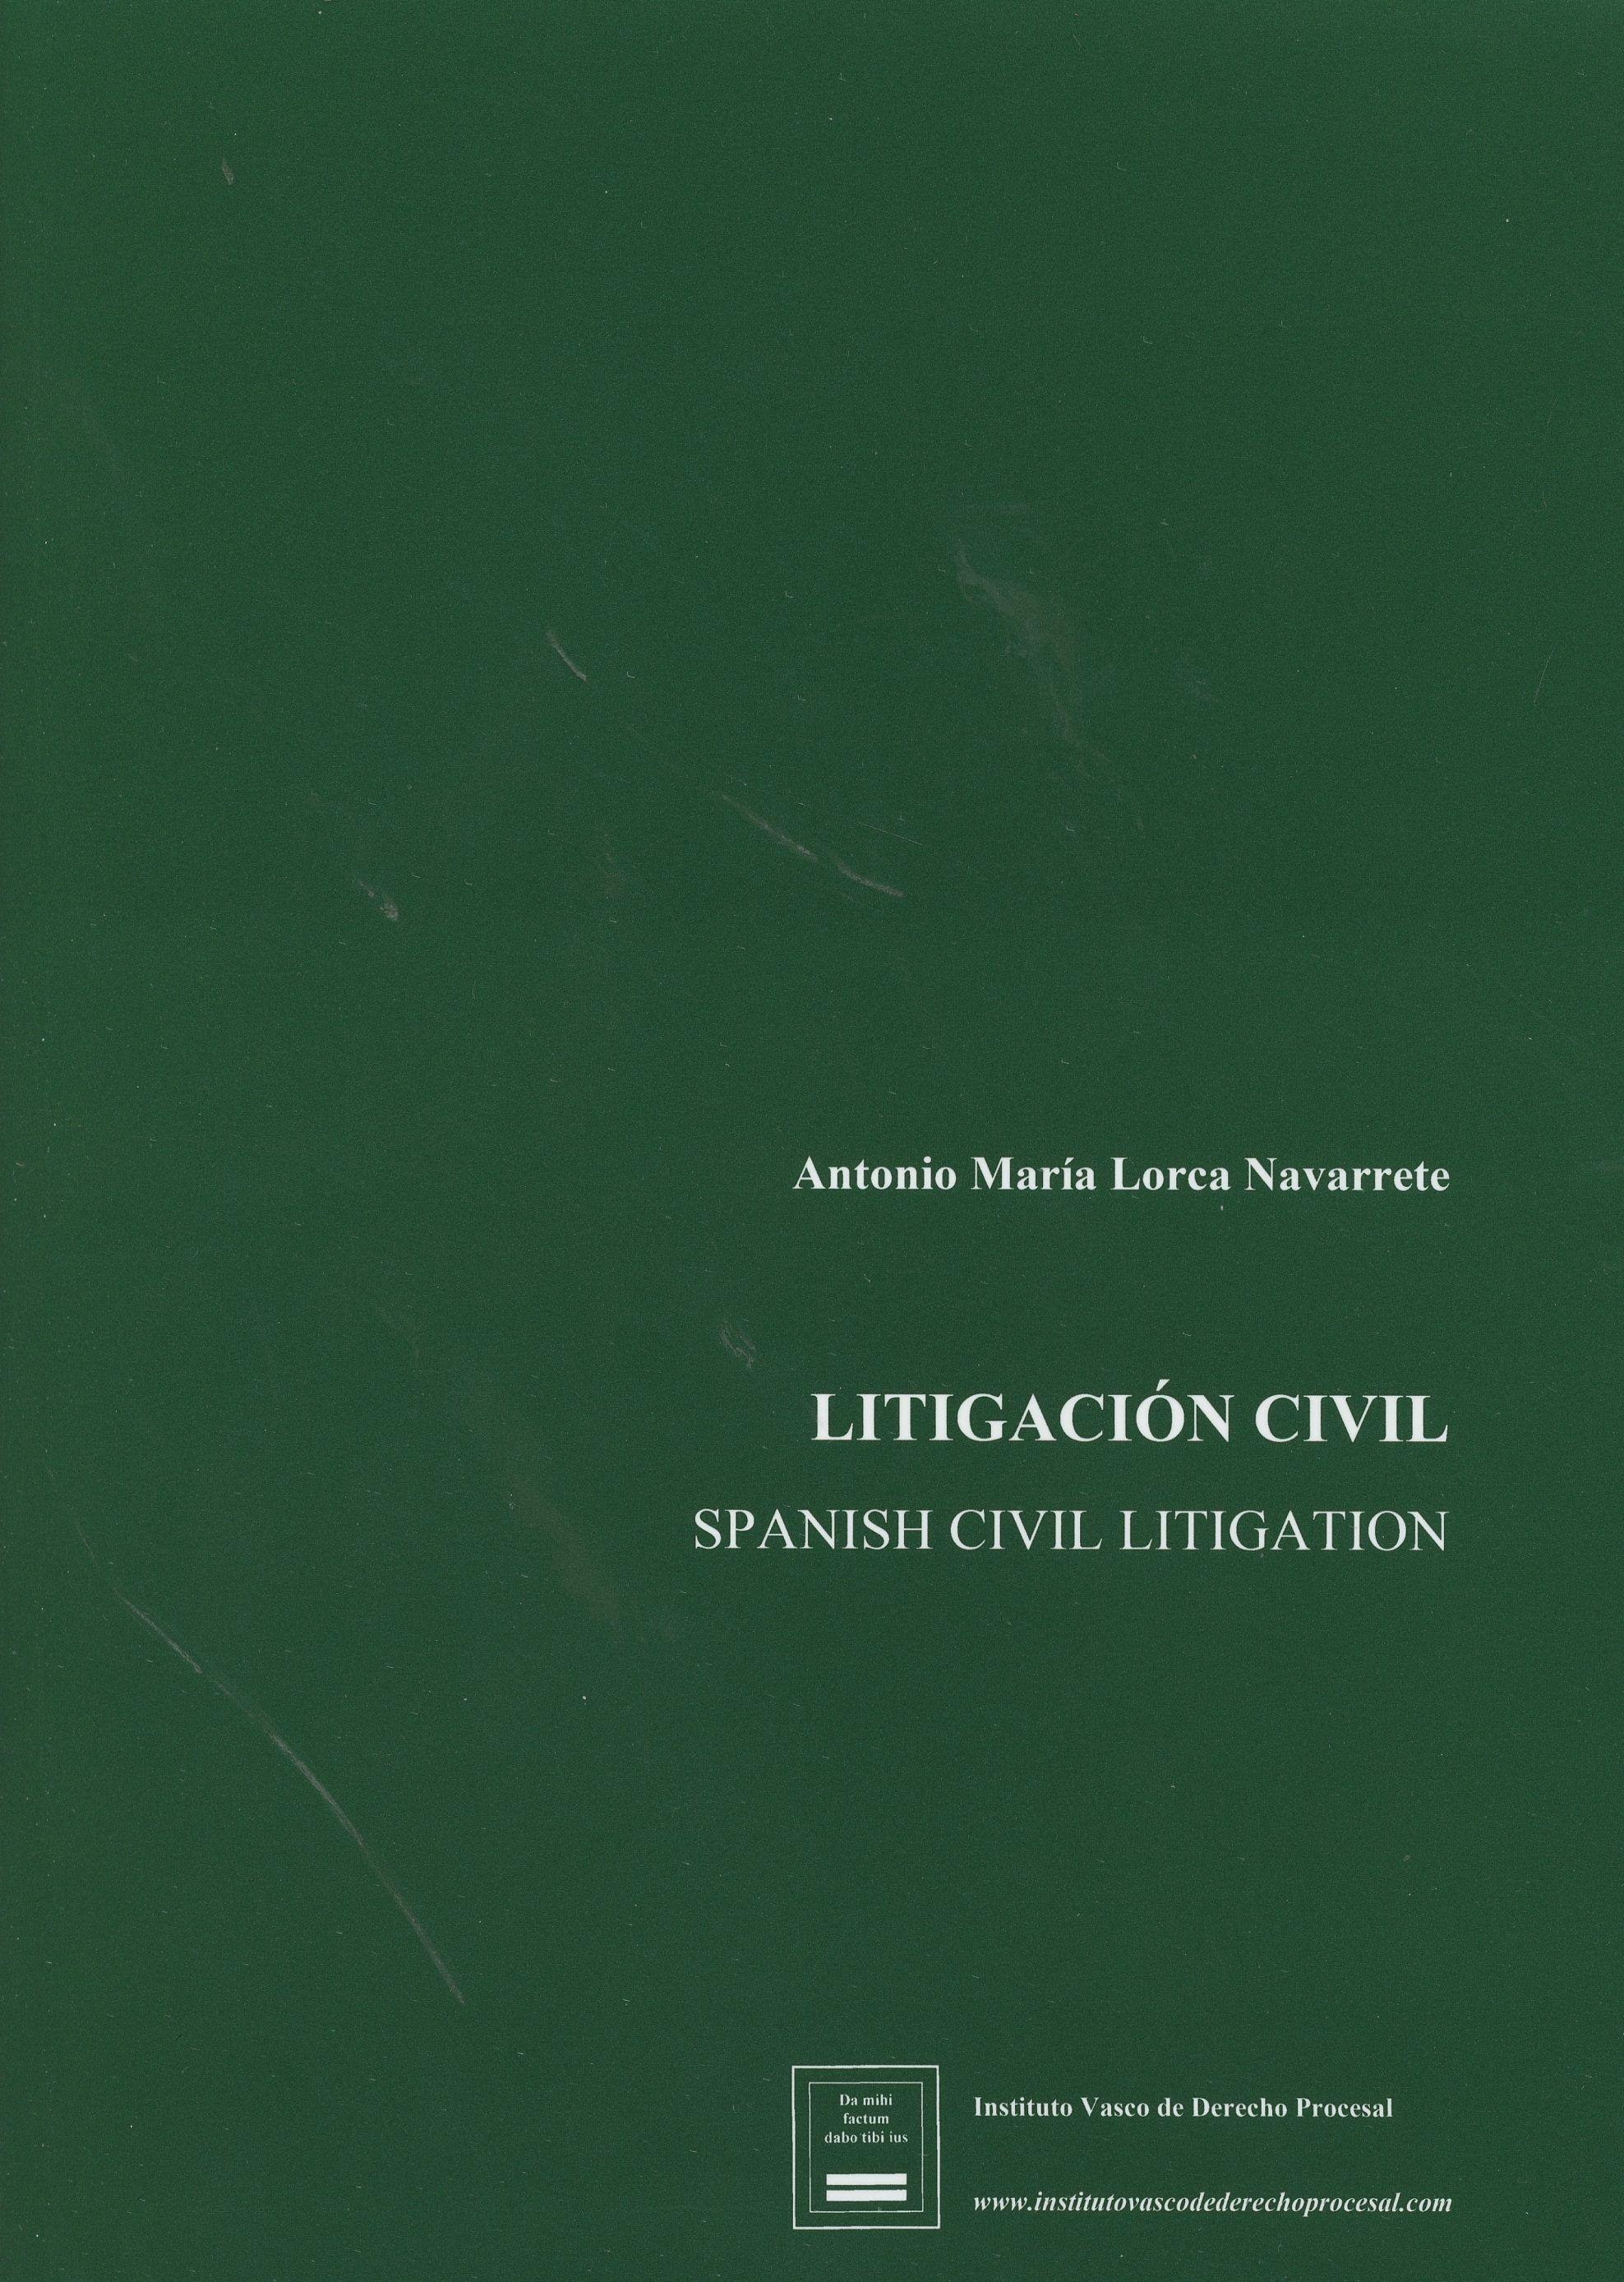 Litigación Civil Spanish Civil Litigation Anotada Con La Jurisprudencia Procesal Civil De Las Audienci Las Palmas De Gran Canaria Ciencias Juridicas Vascos